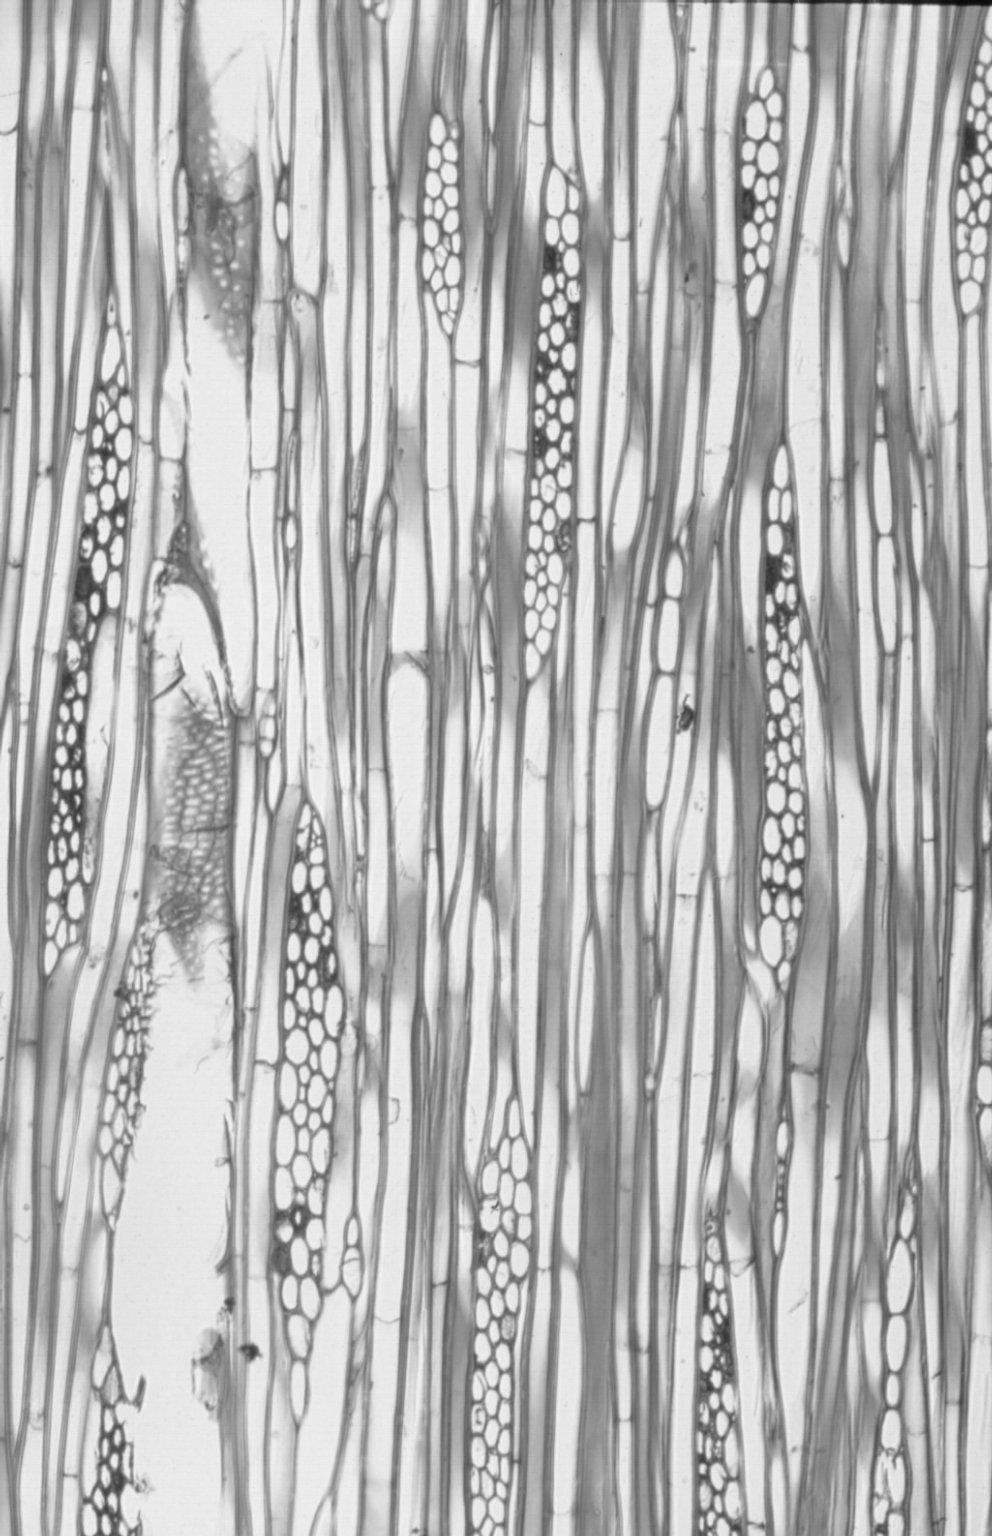 ARALIACEAE Sciadophyllum brownii